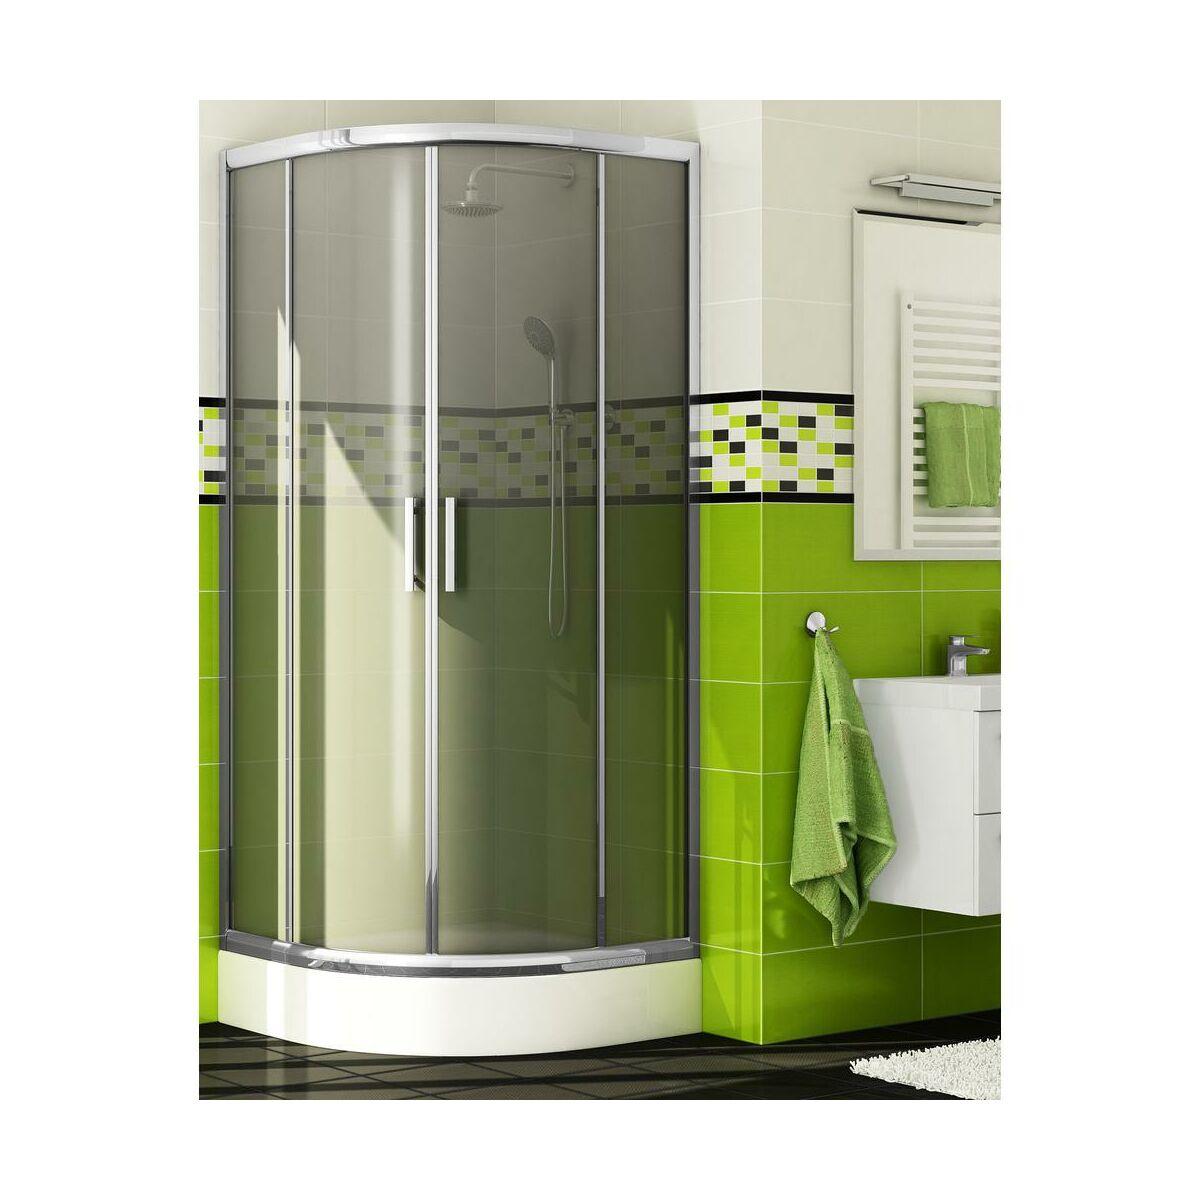 kabina prysznicowa sigma 80 x 80 cm kabiny prysznicowe w atrakcyjnej cenie w sklepach leroy. Black Bedroom Furniture Sets. Home Design Ideas